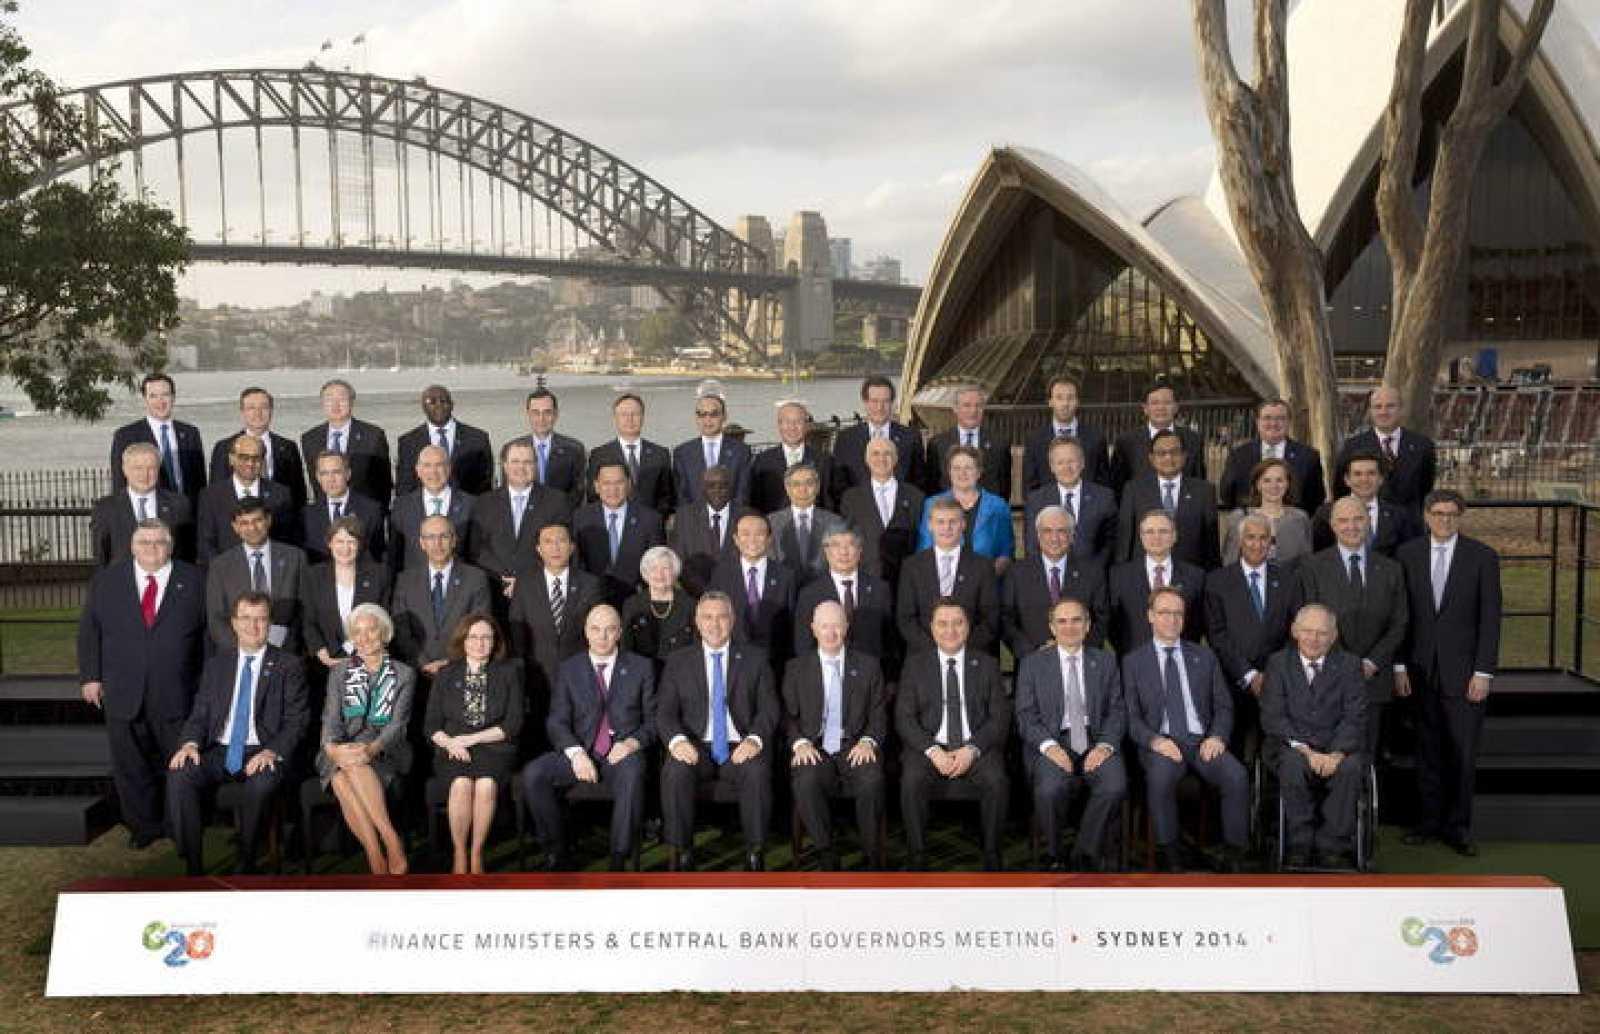 Los ministros de Finanzas y gobernadores de los bancos centrales de los países que forman el G20 se han reunido en Sídney.